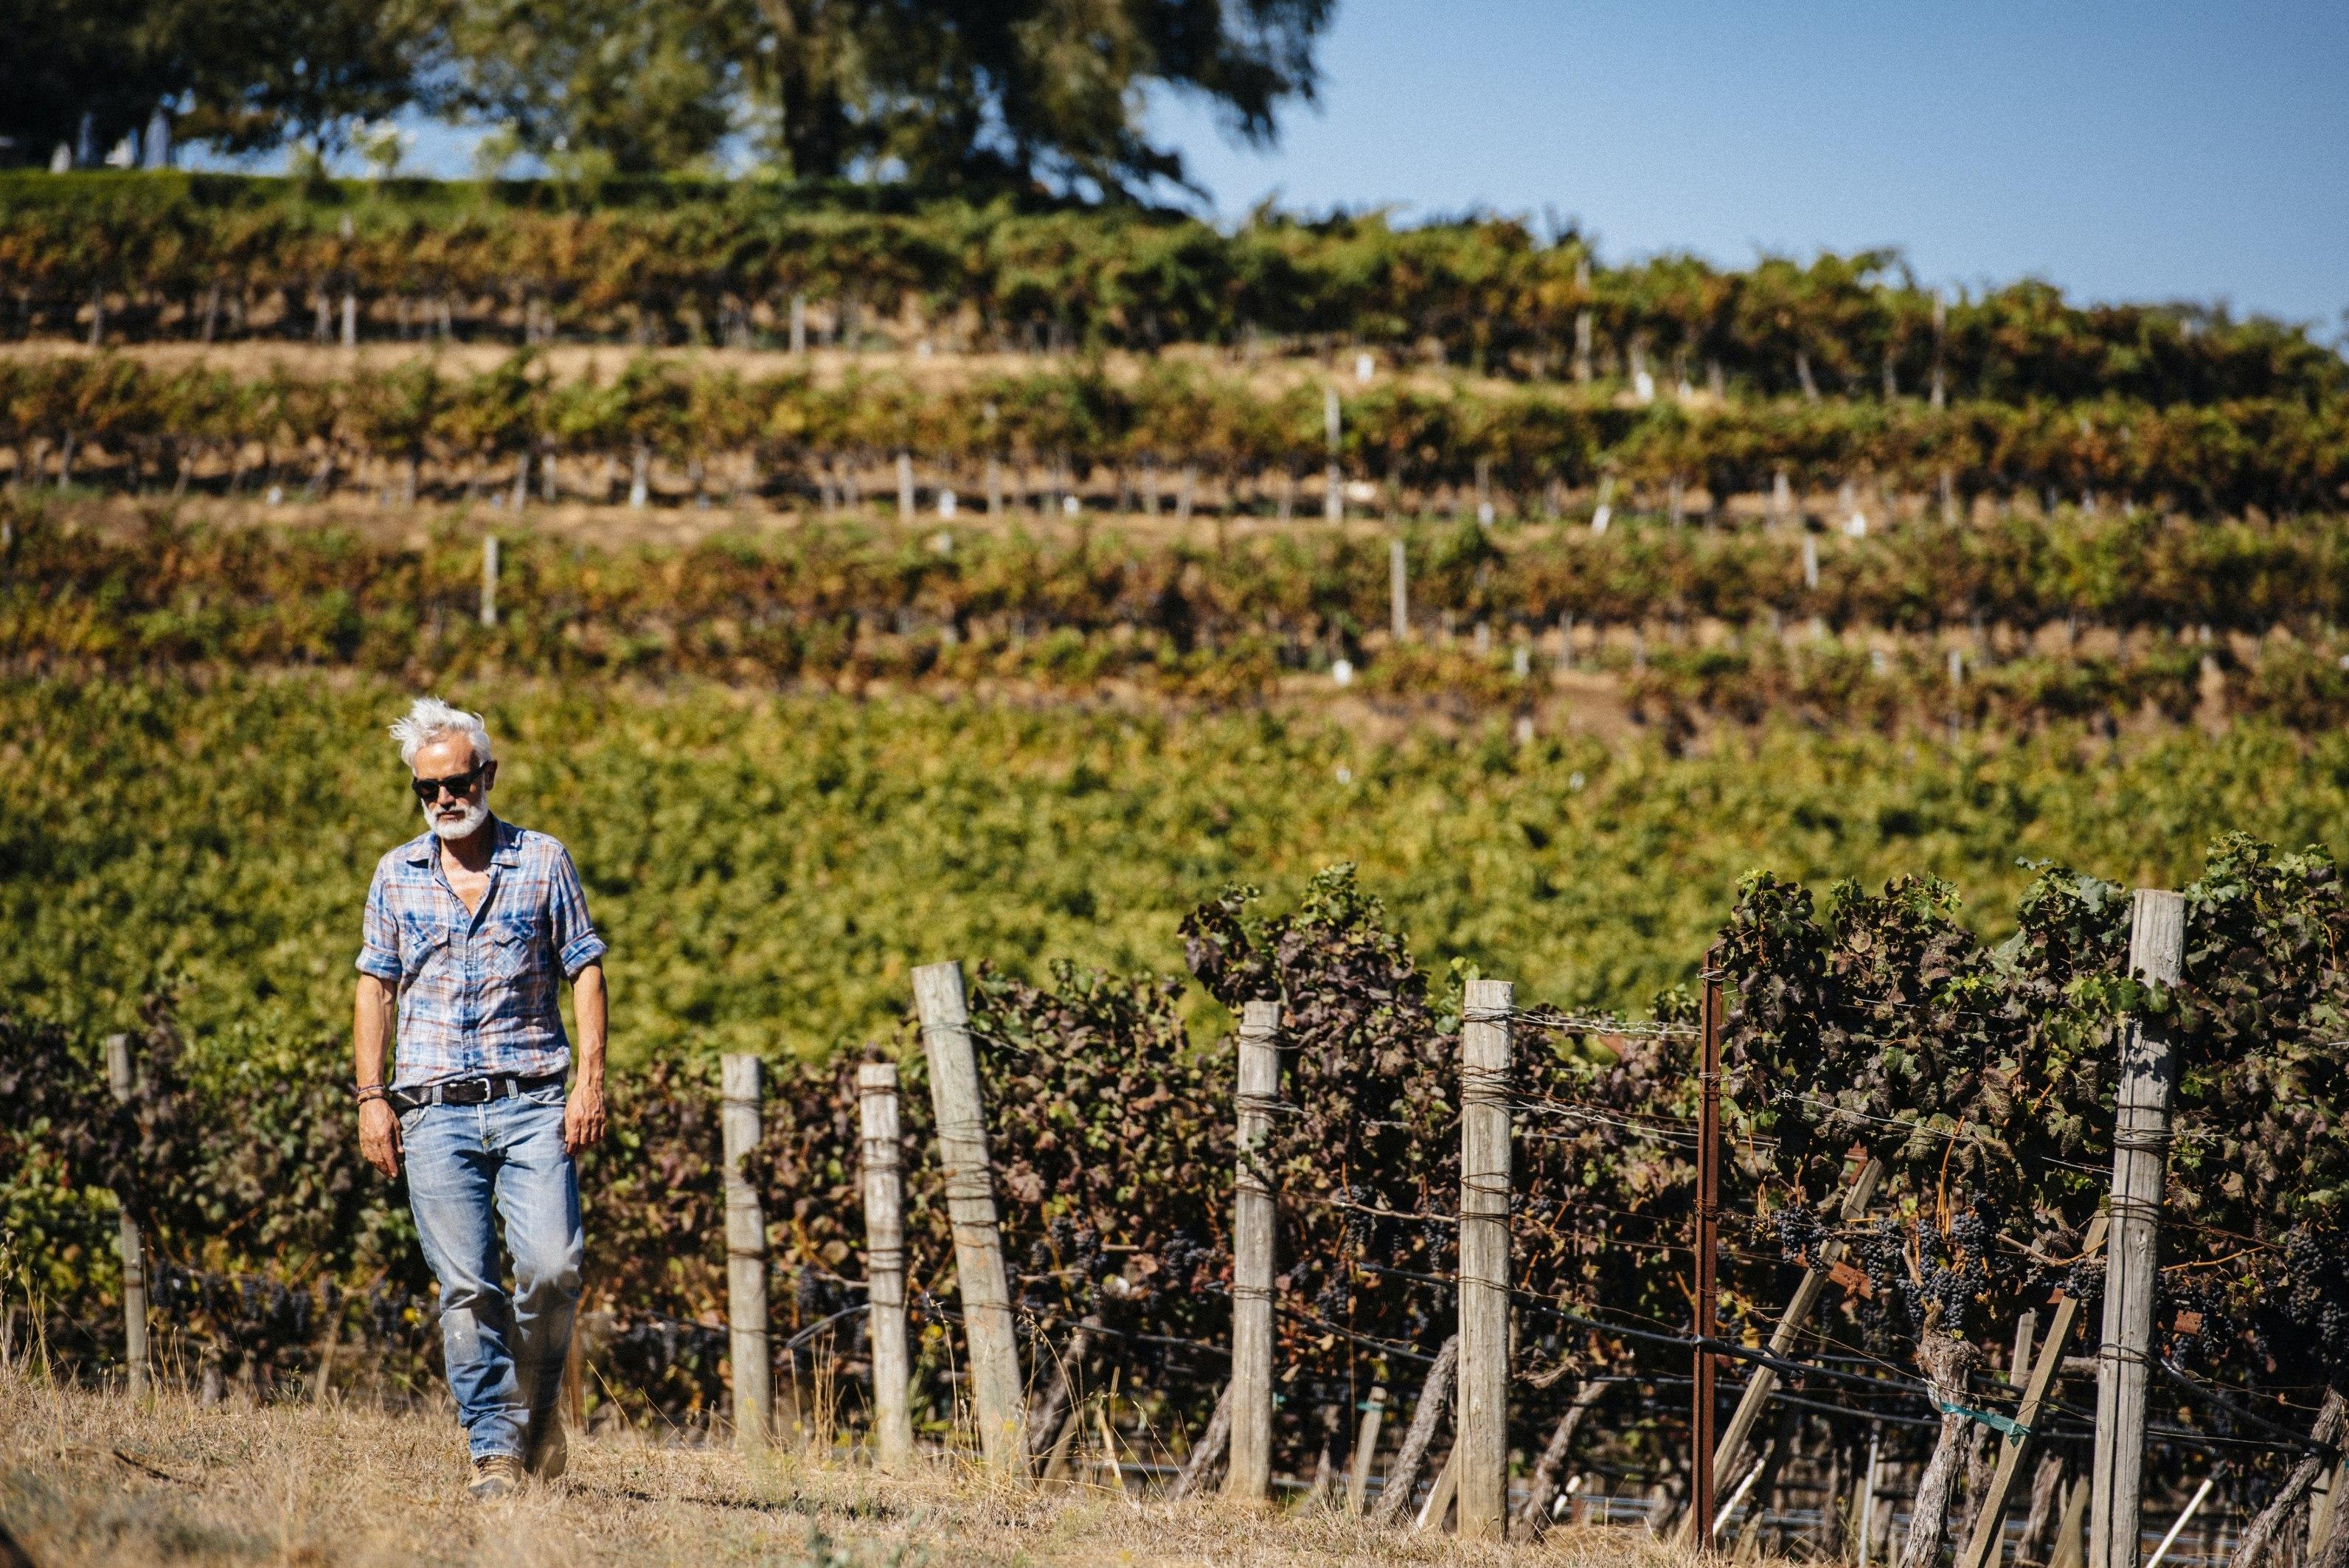 """Marco Simonit:  """"Italiani, volete lavorare in vigna?  Preparatevi, c'è lavoro per tutti!"""""""